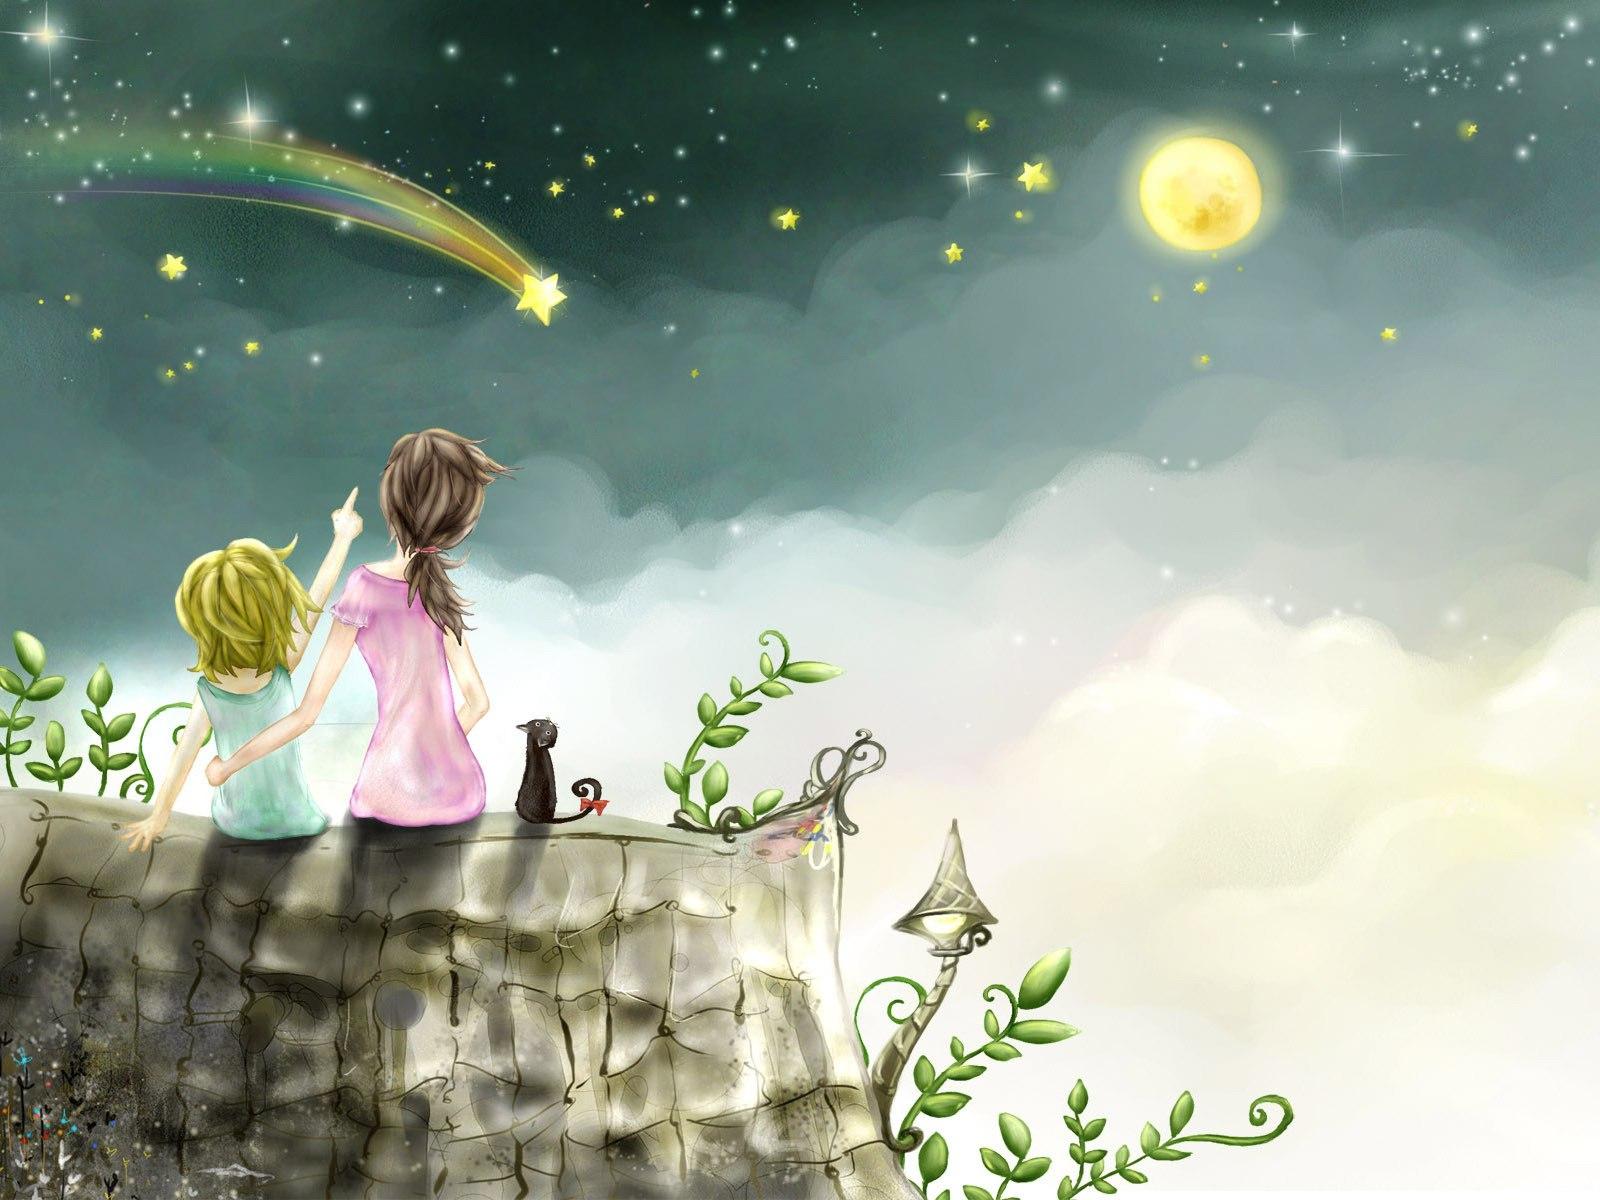 картинка про надежду и мечты уже неверная